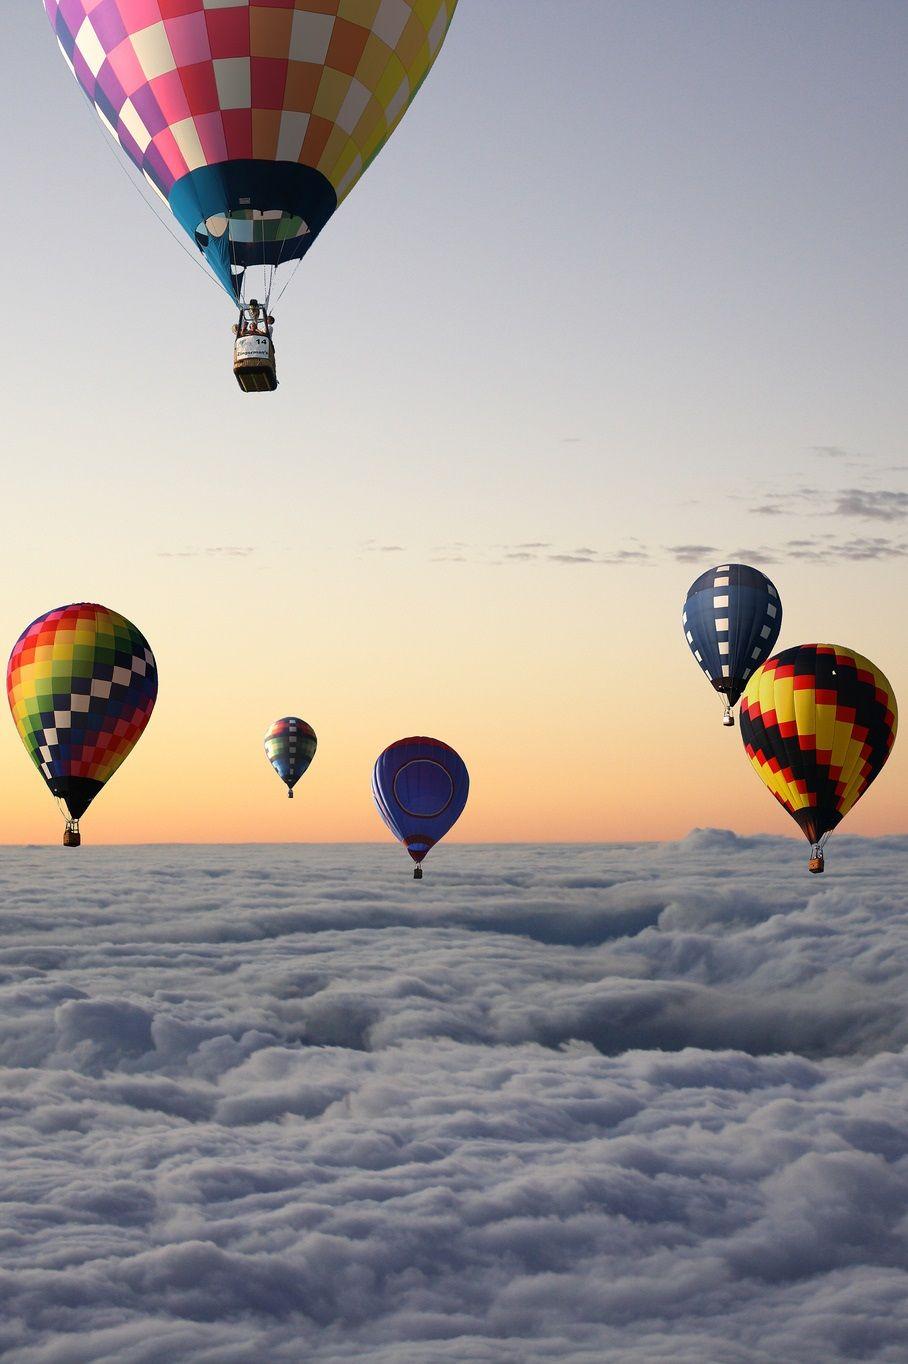 Надписью золотой, картинки с летящими шарами воздушными